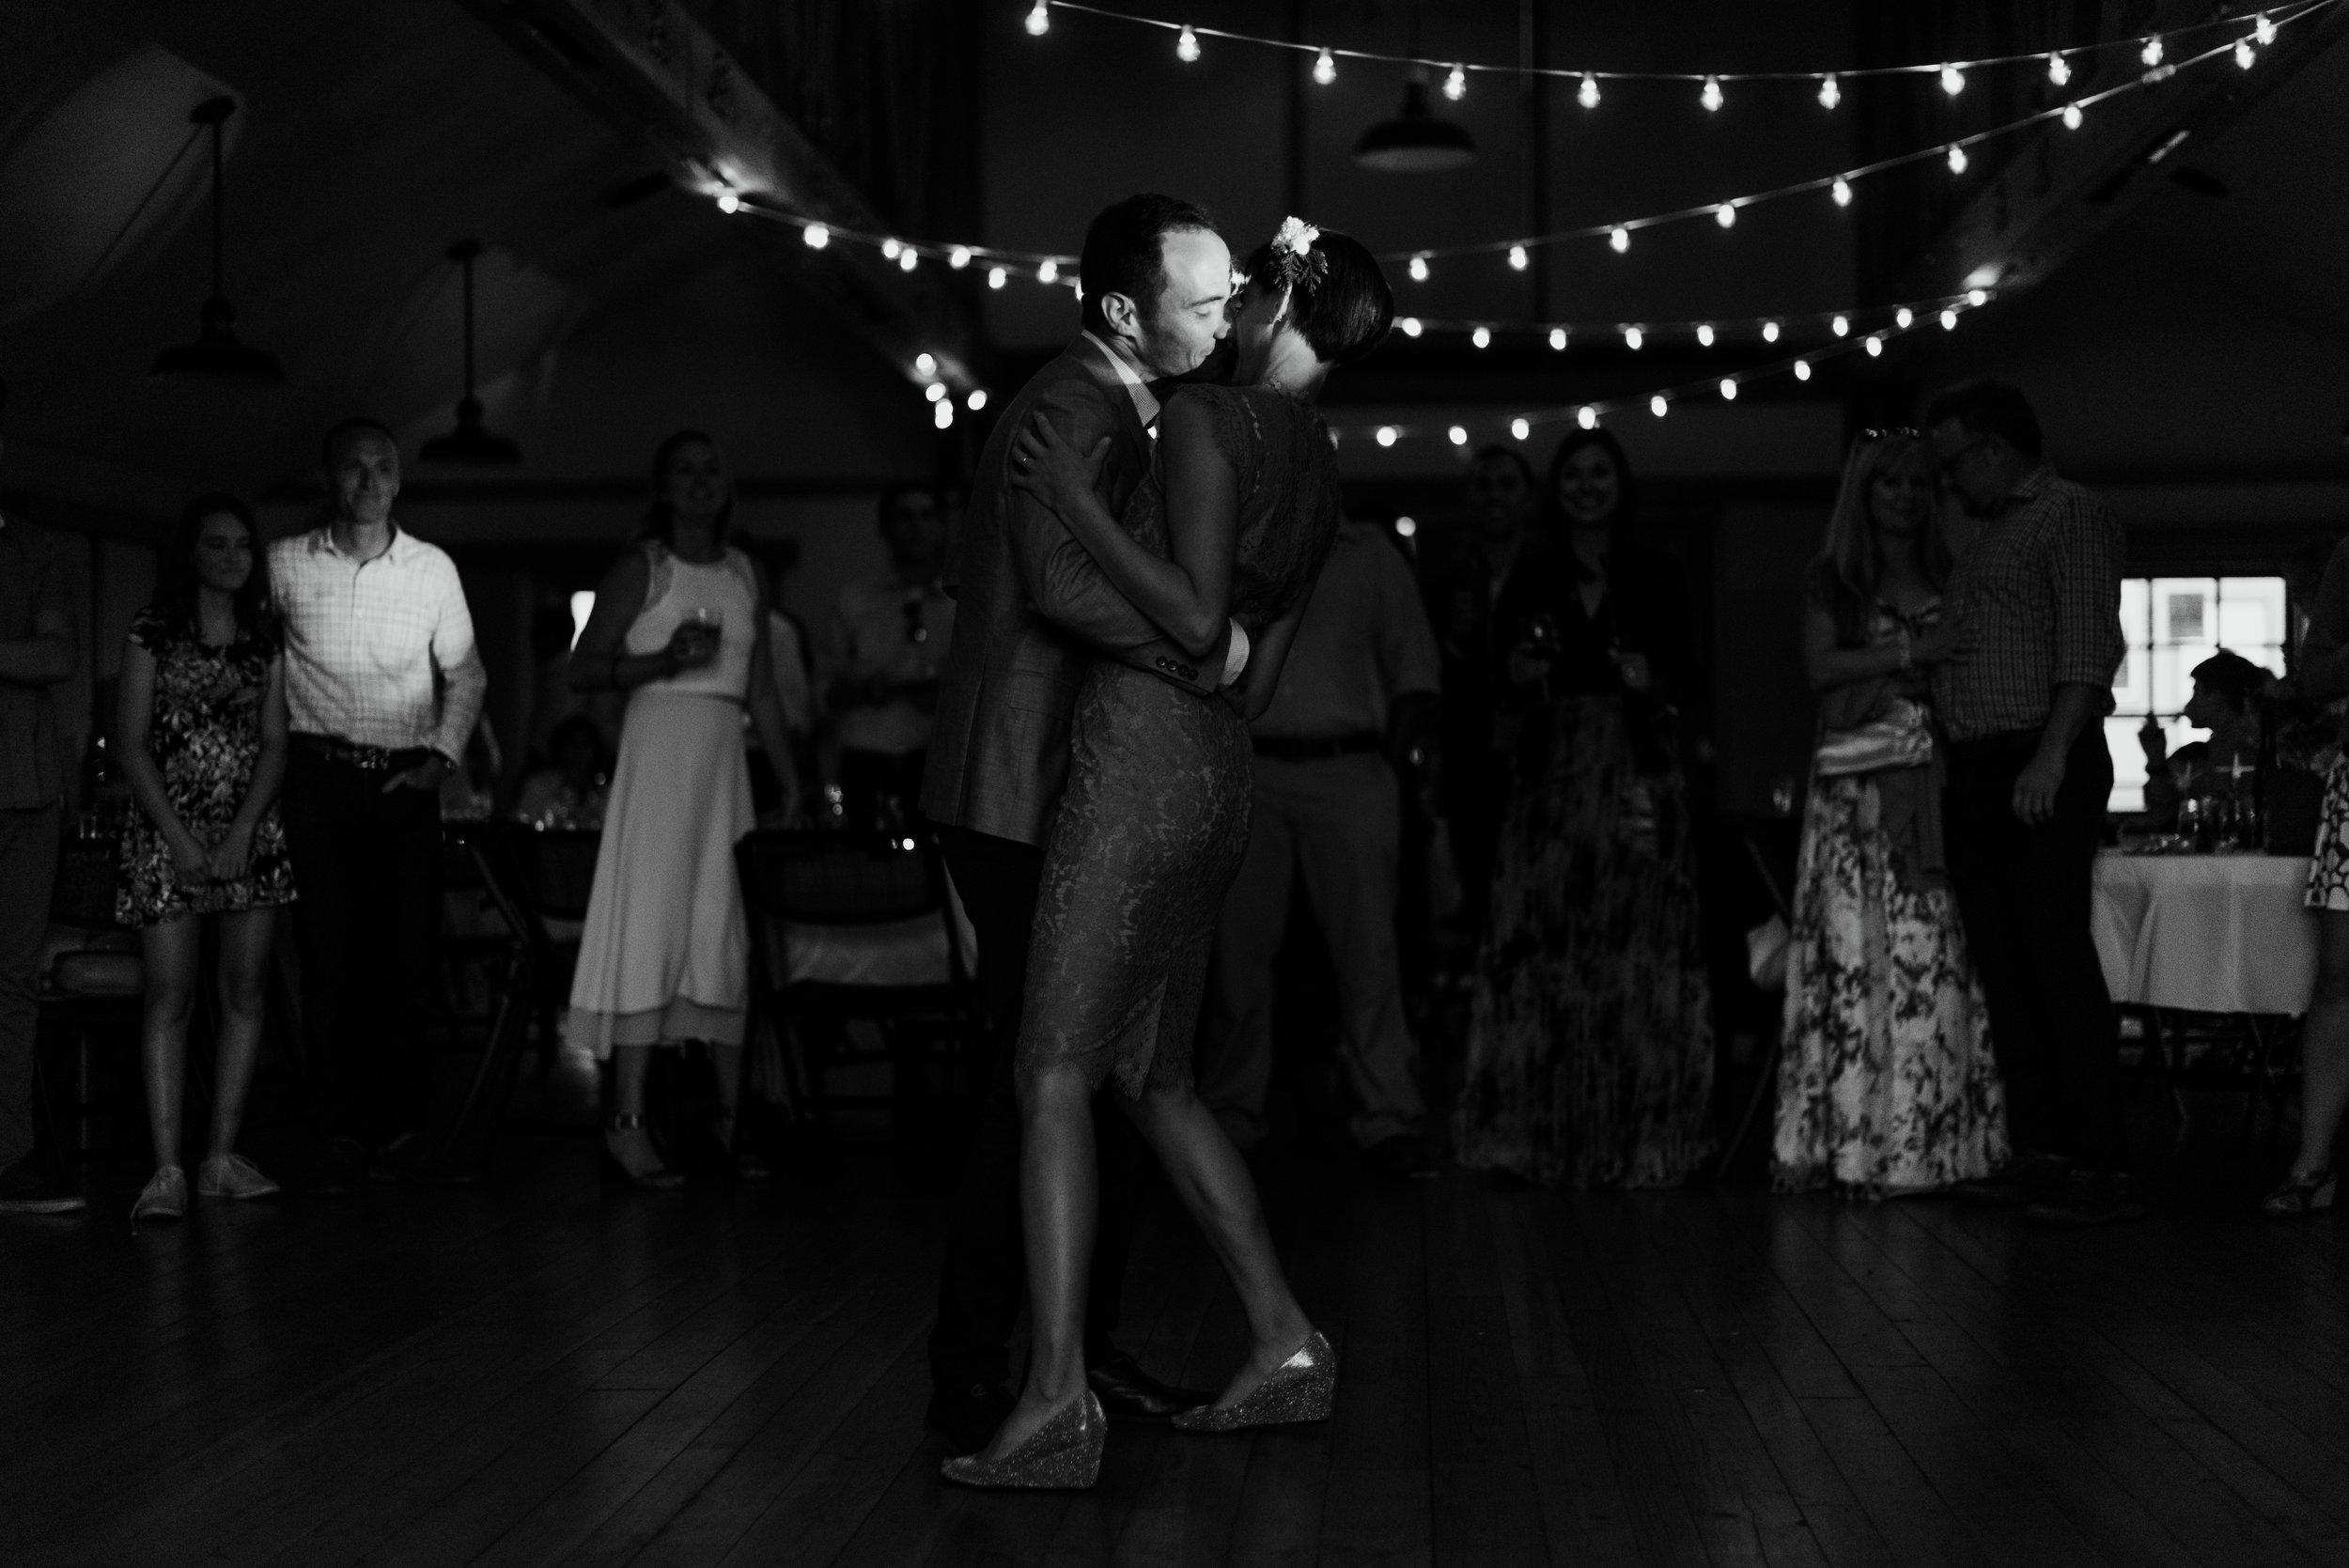 10 Dancing-7096.jpg